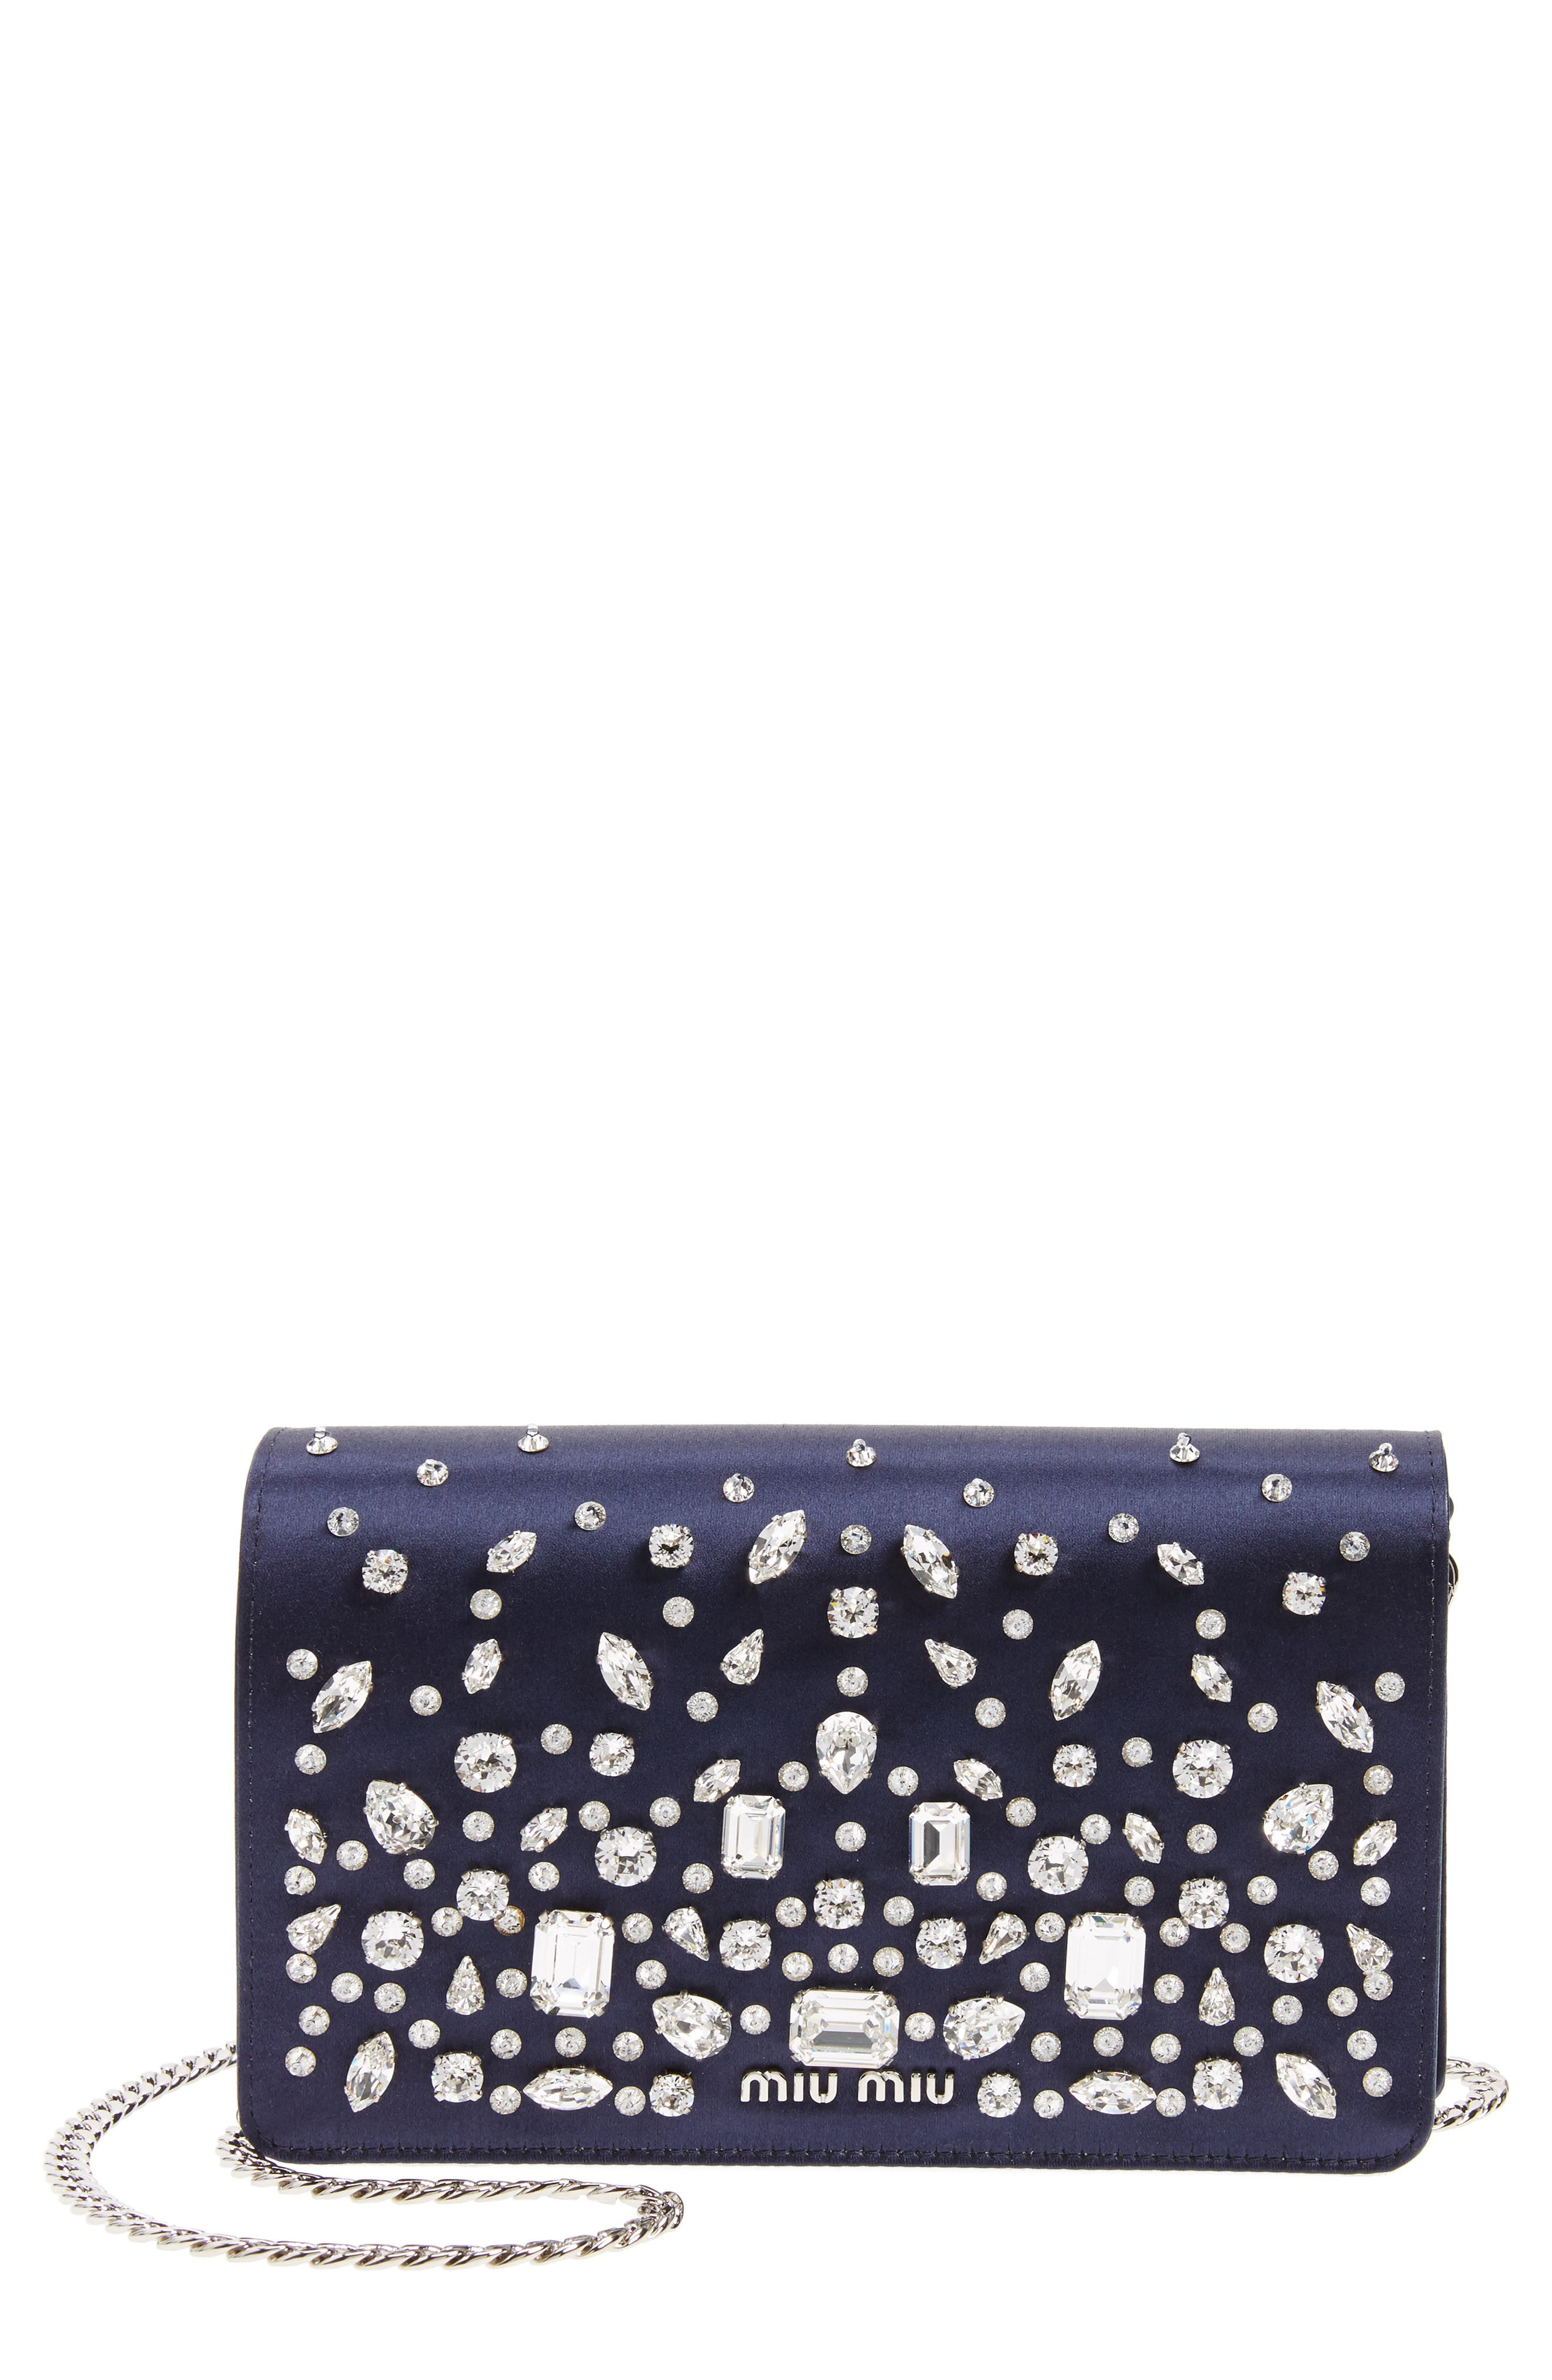 Miu Miu Swarovski Crystal Embellished Shoulder Bag